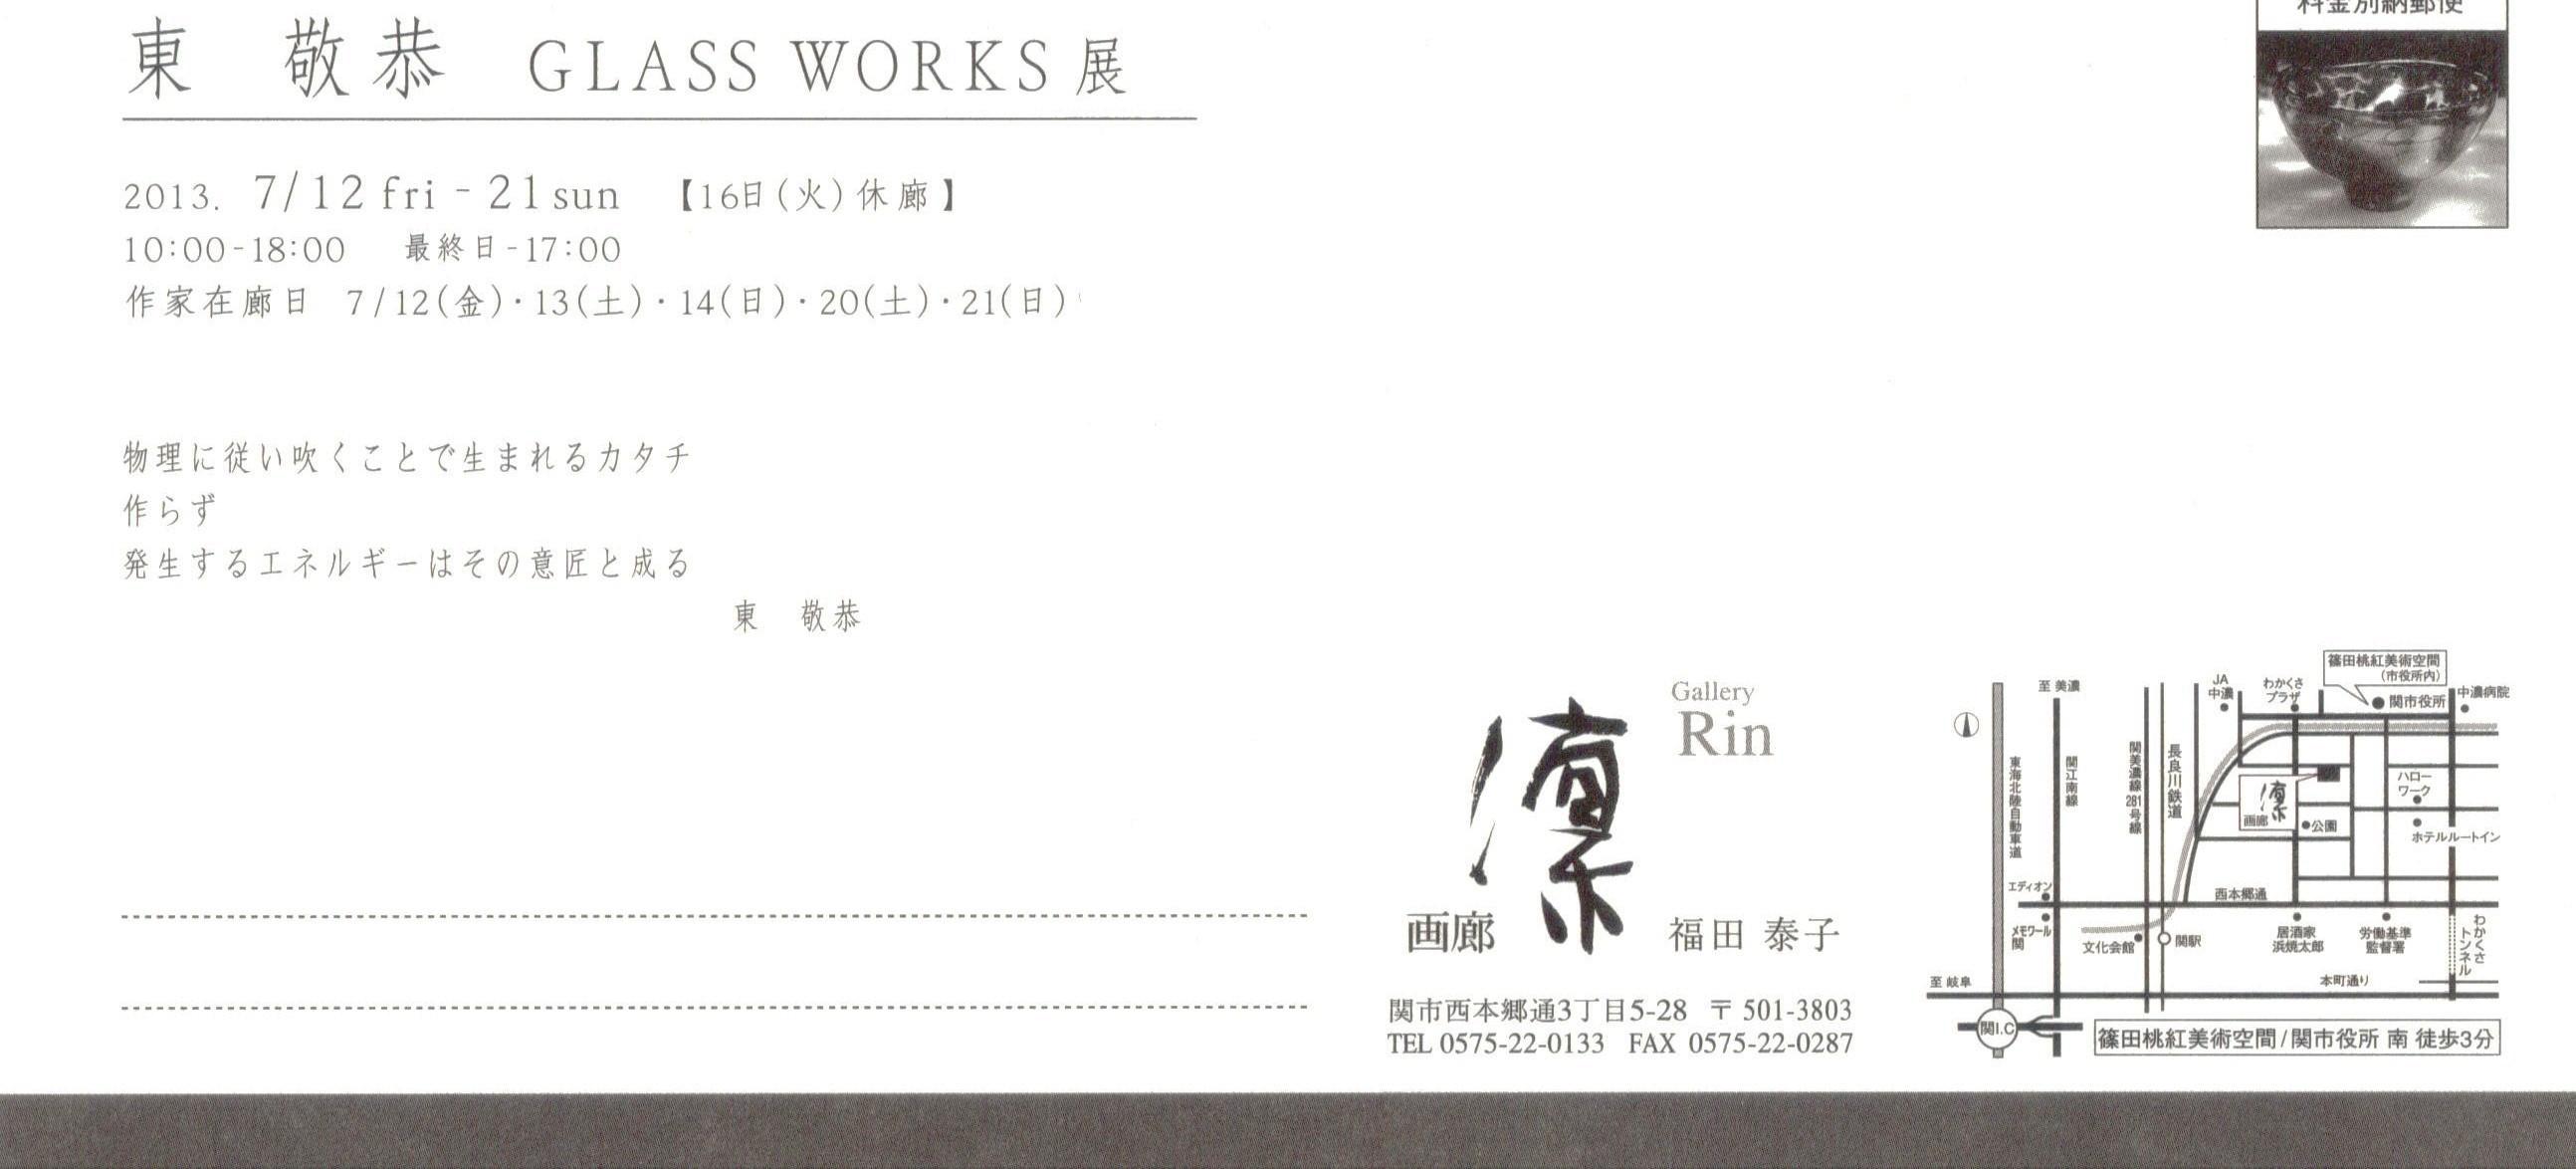 関市 画廊「凛」 個展のお知らせ_c0212902_1843971.jpg